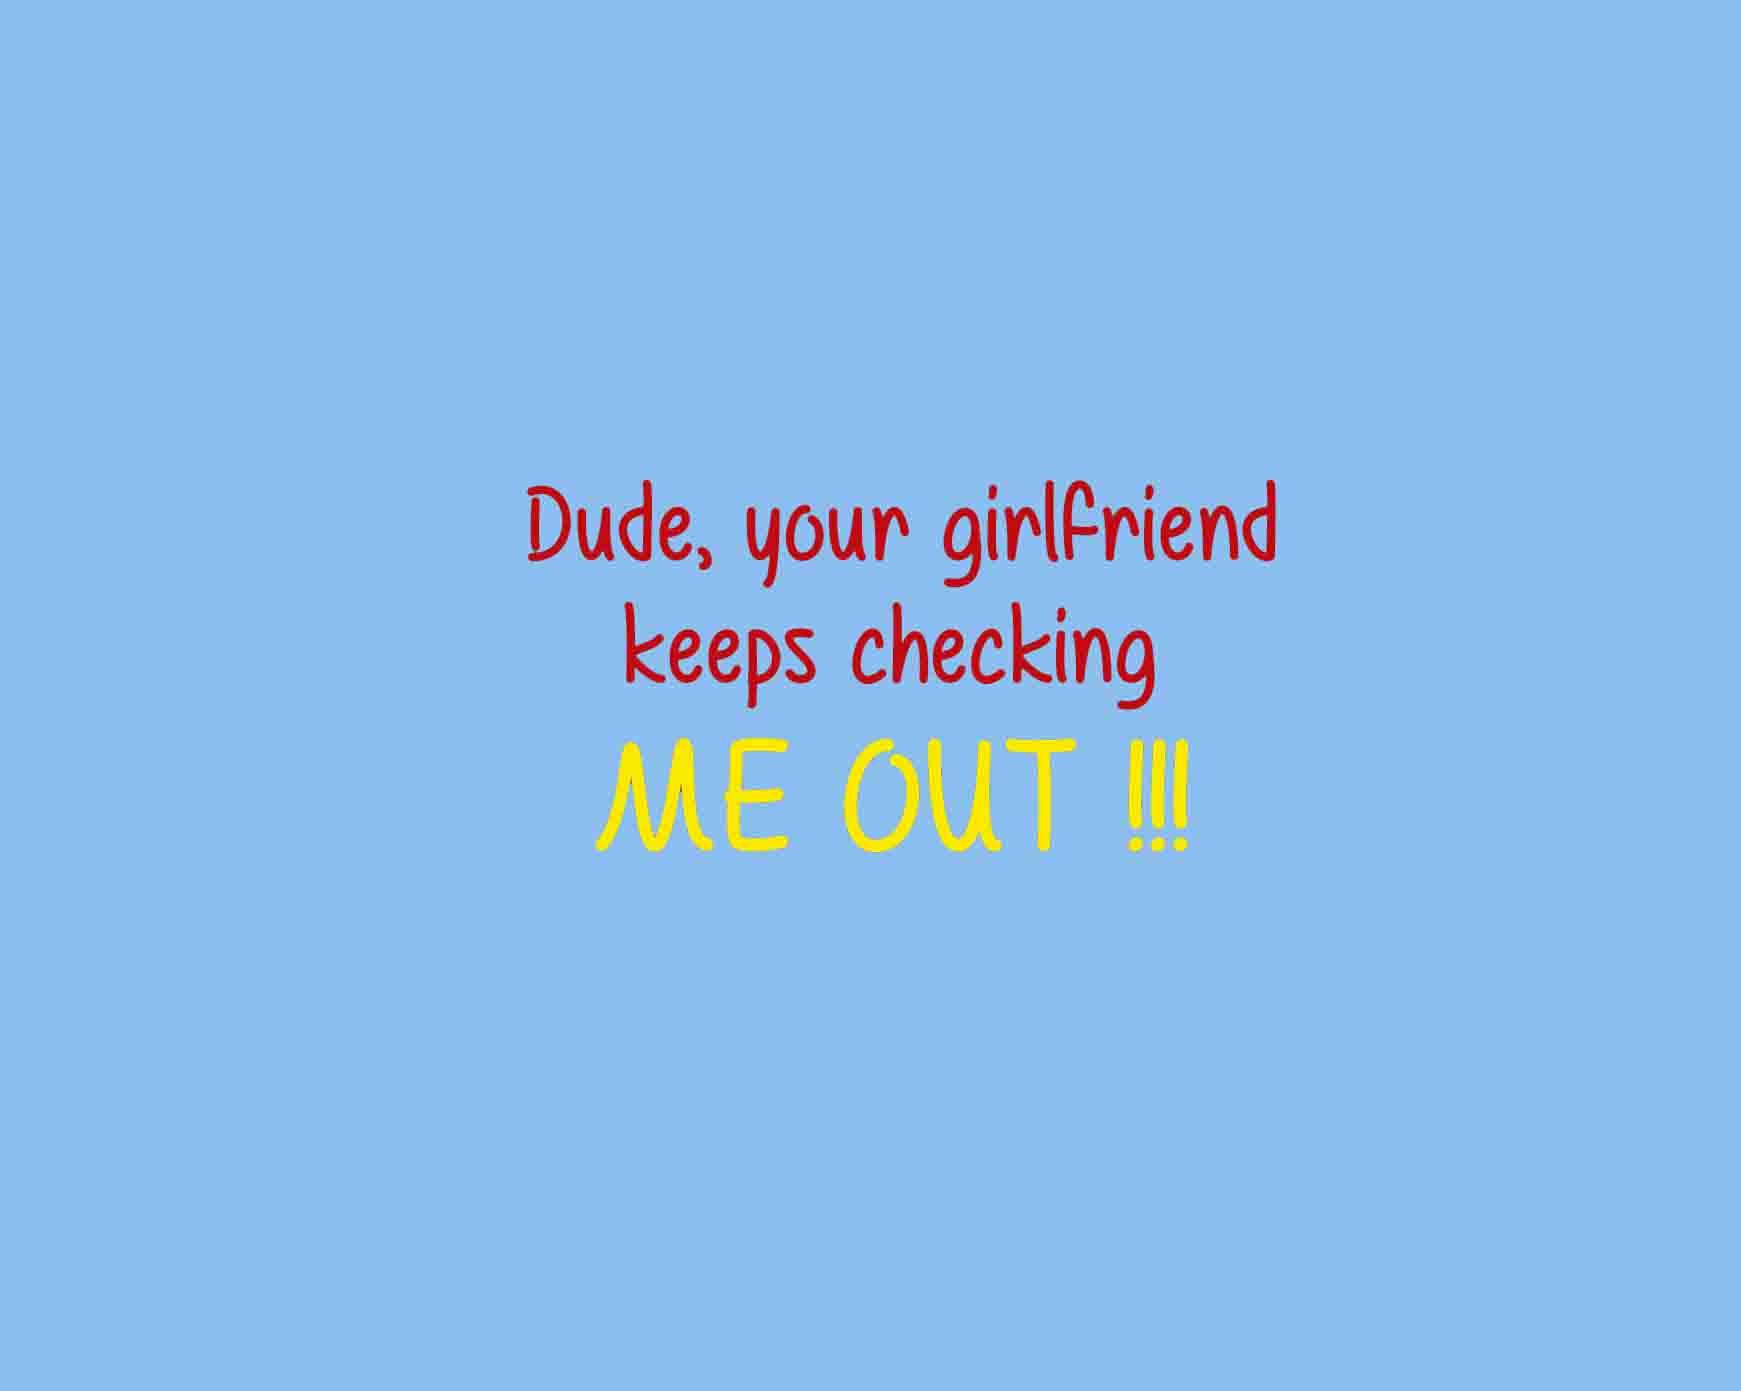 DUDE-YOUR-GIRLFRIEND